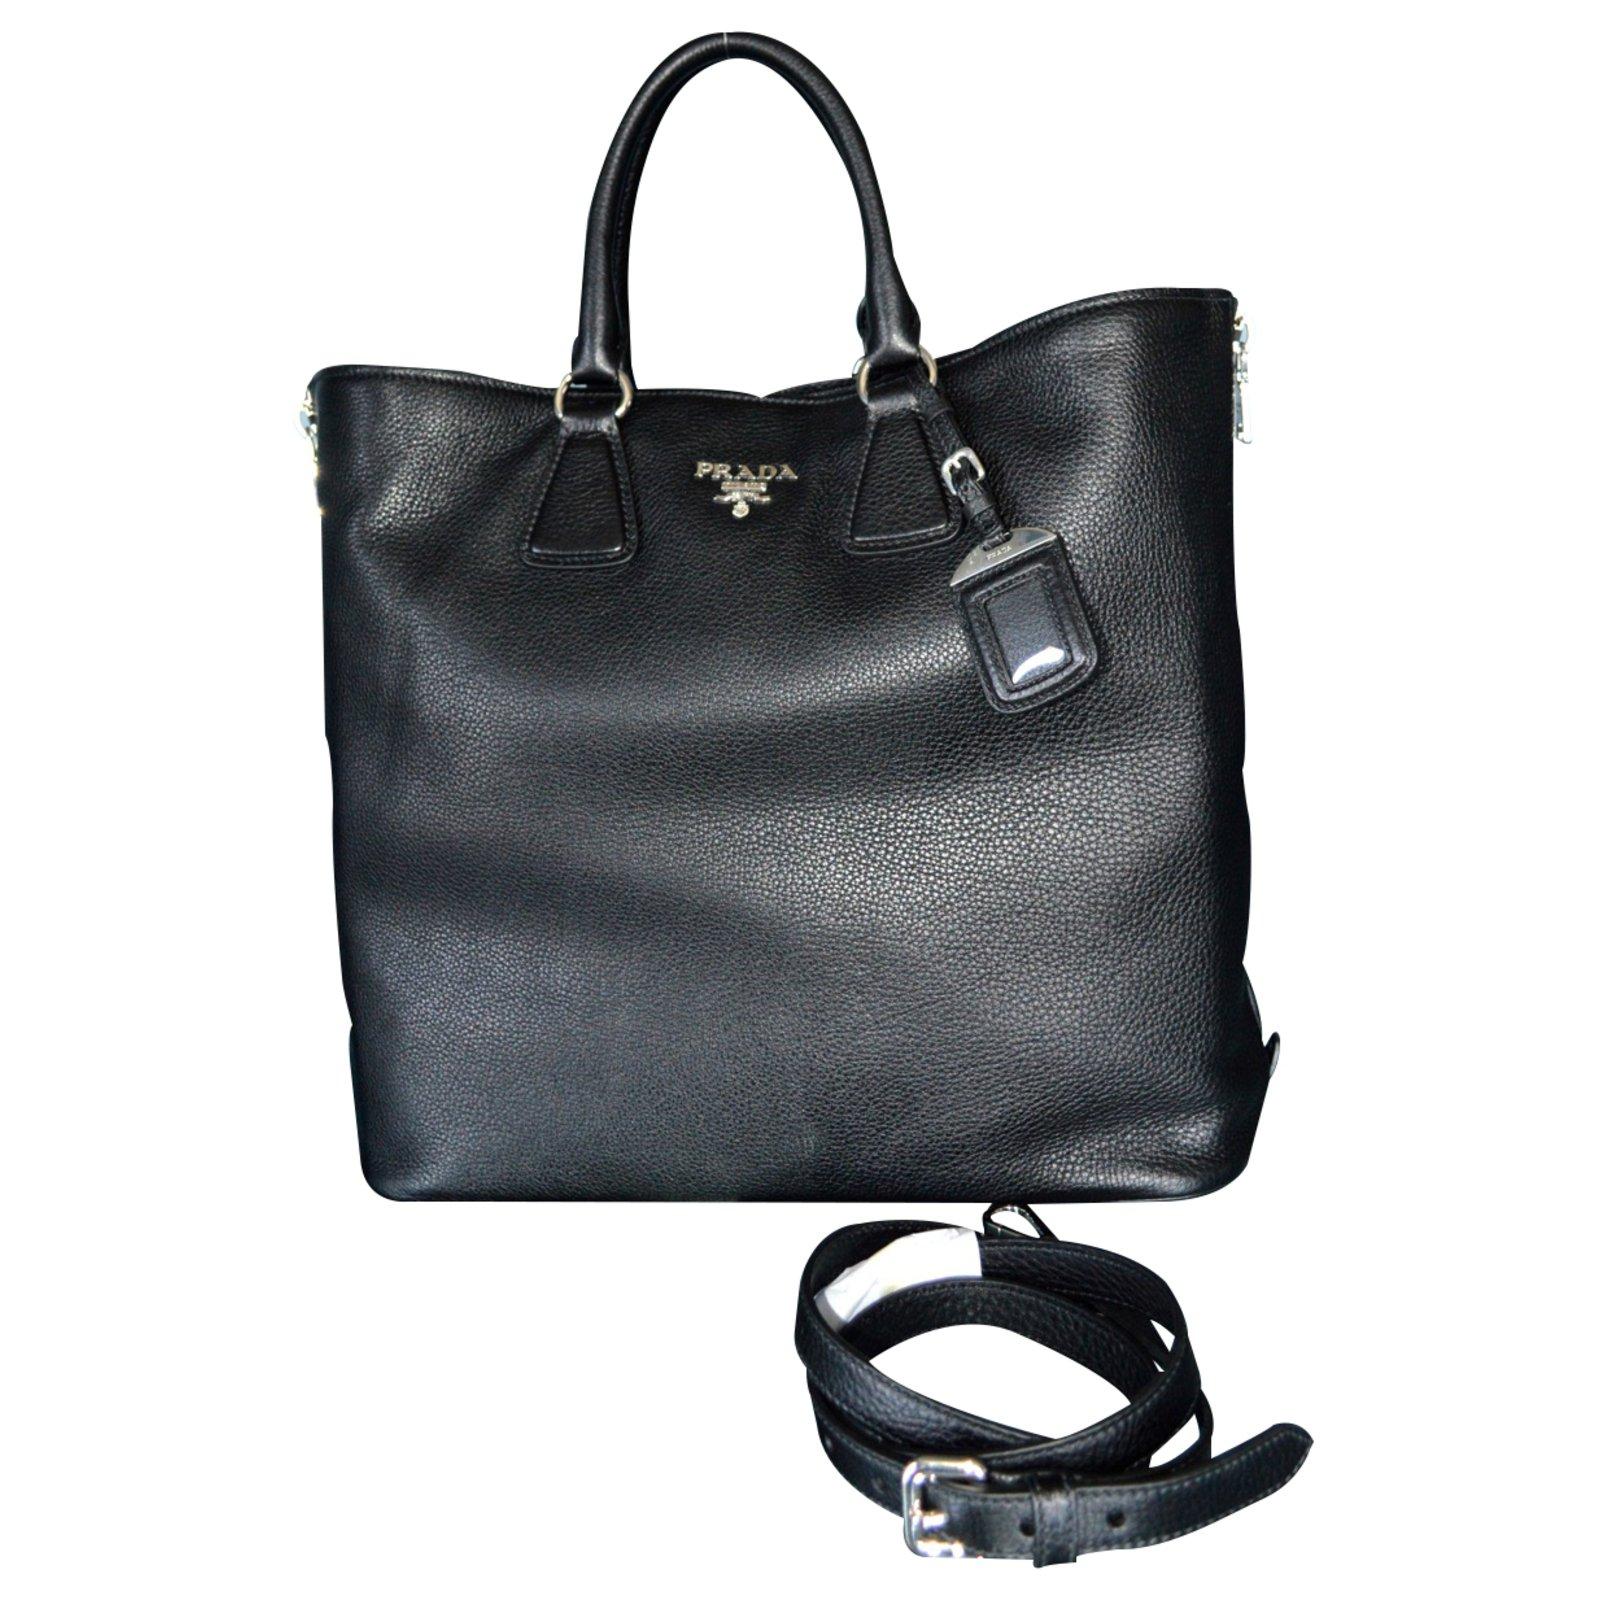 e46b2bcb9472 Prada BN2419 vitello phenix black leather tote shoulder bag Handbags ...